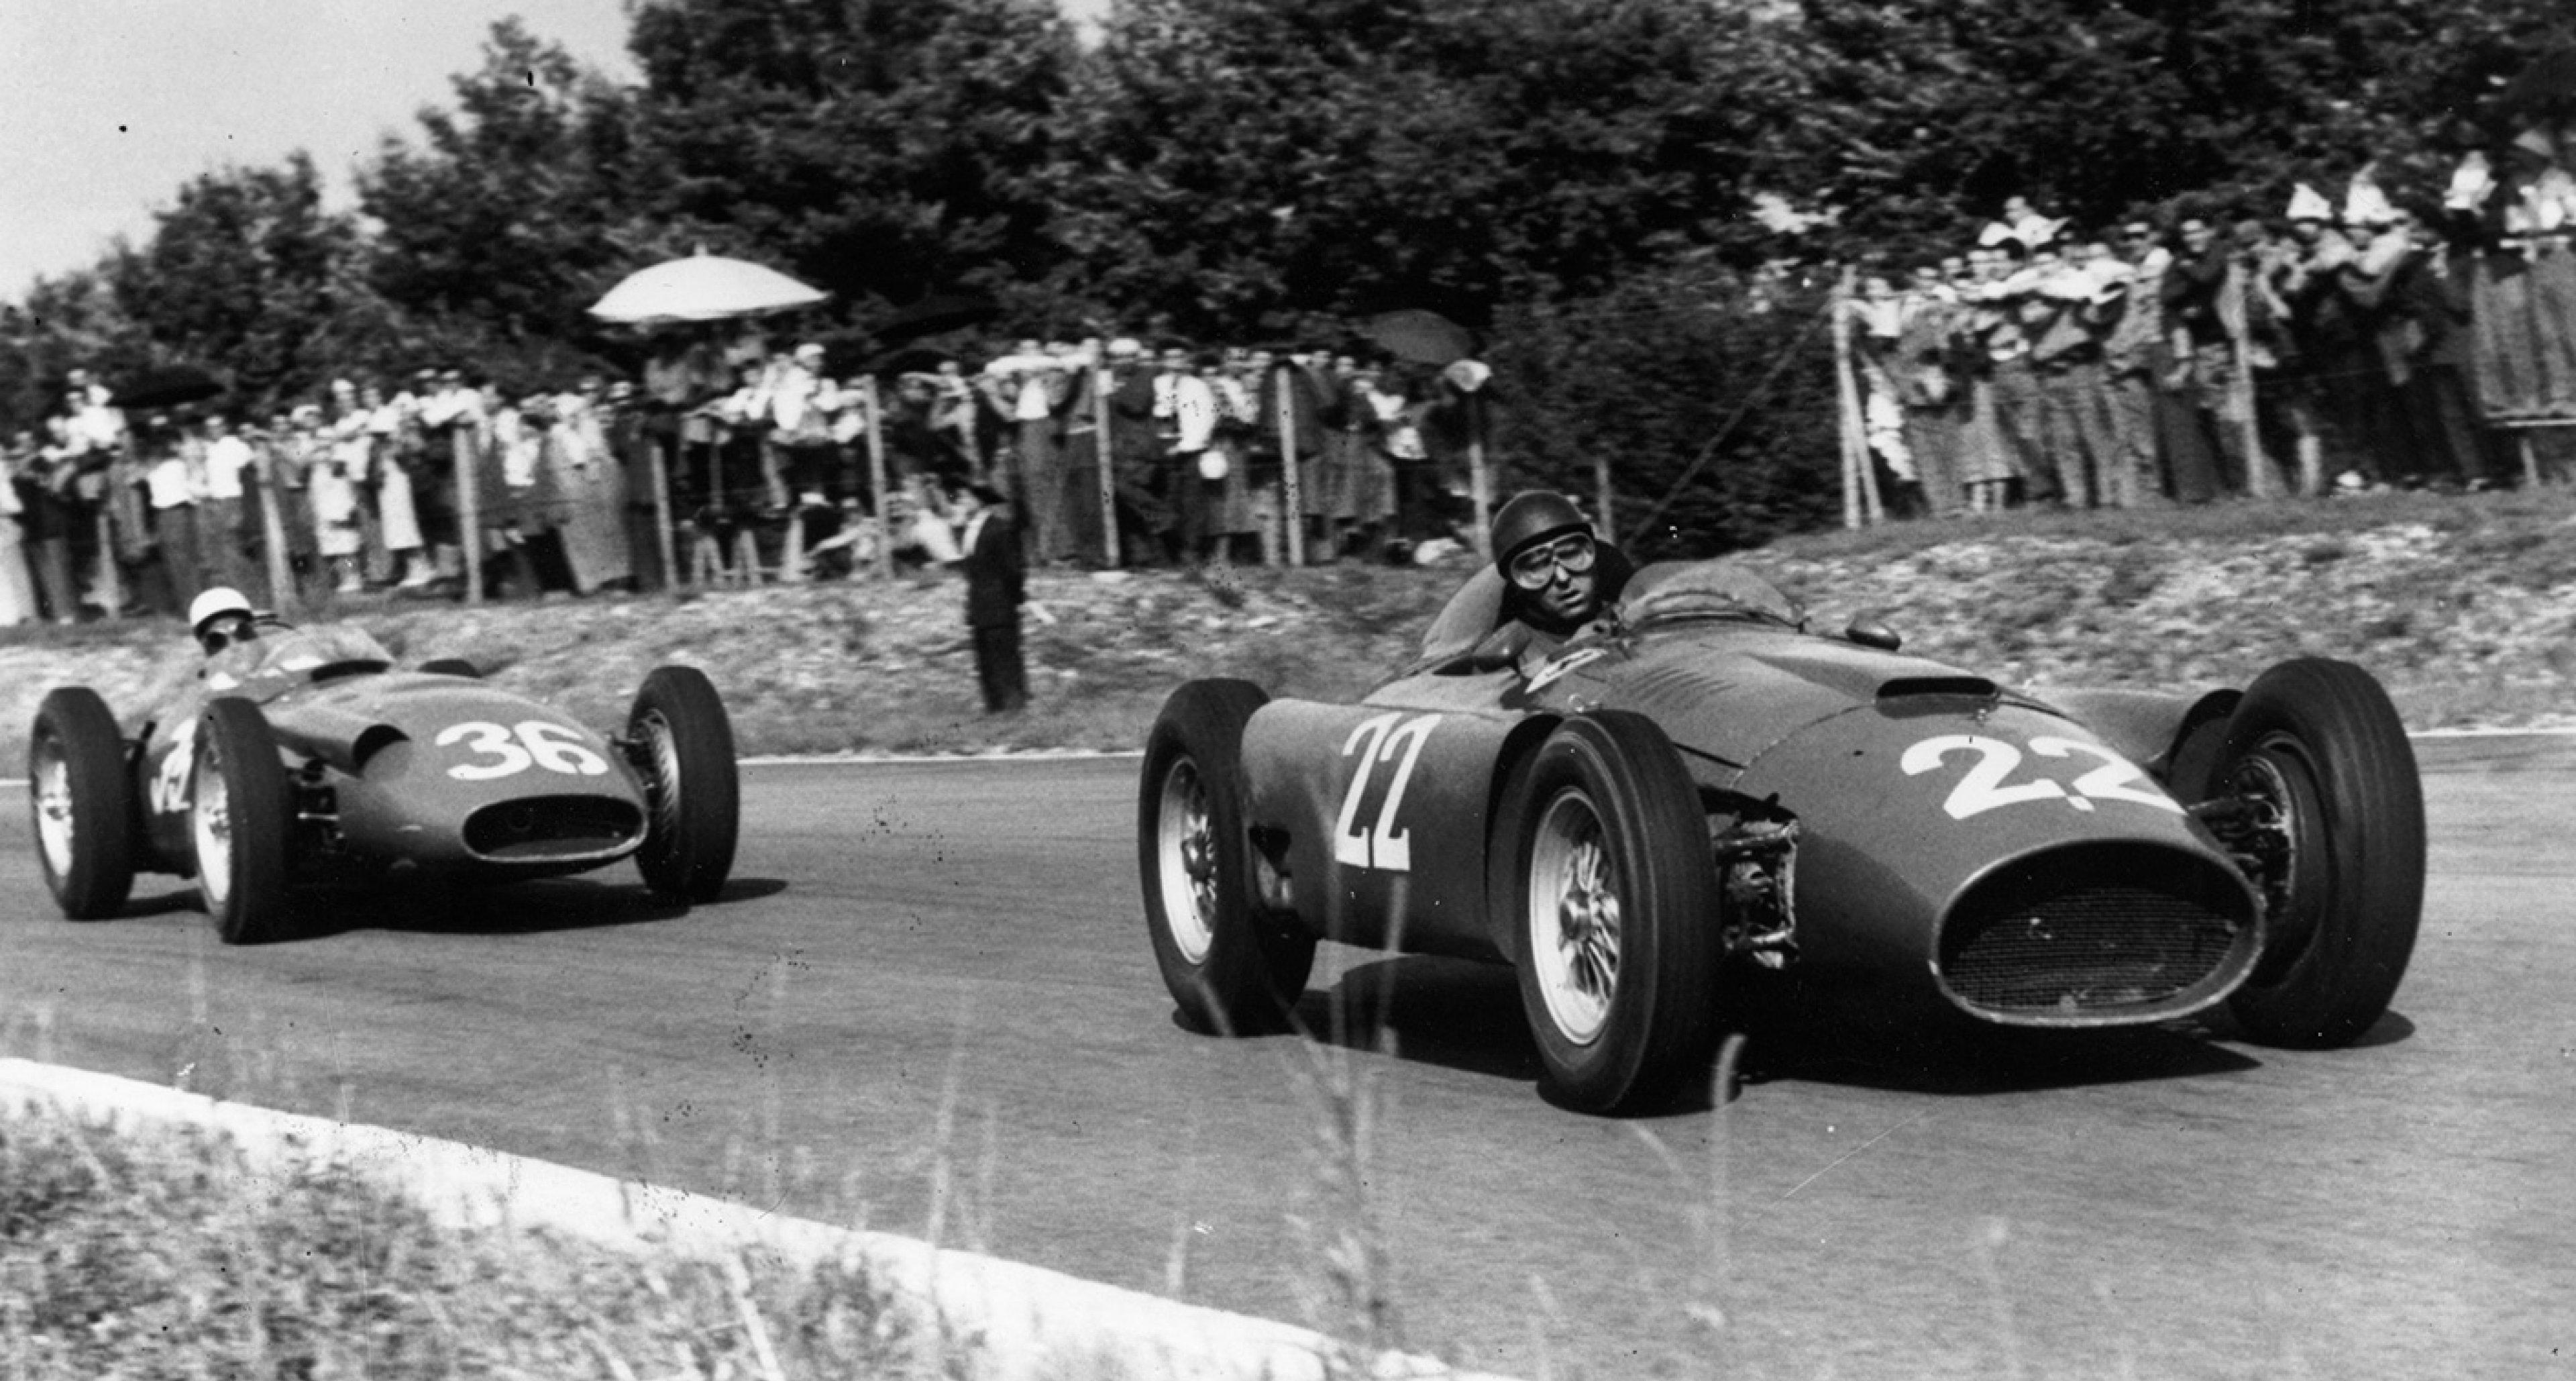 Fangio (Ferrari) leads Moss (Maserati) in the 1956 Italian Grand Prix at Monza.